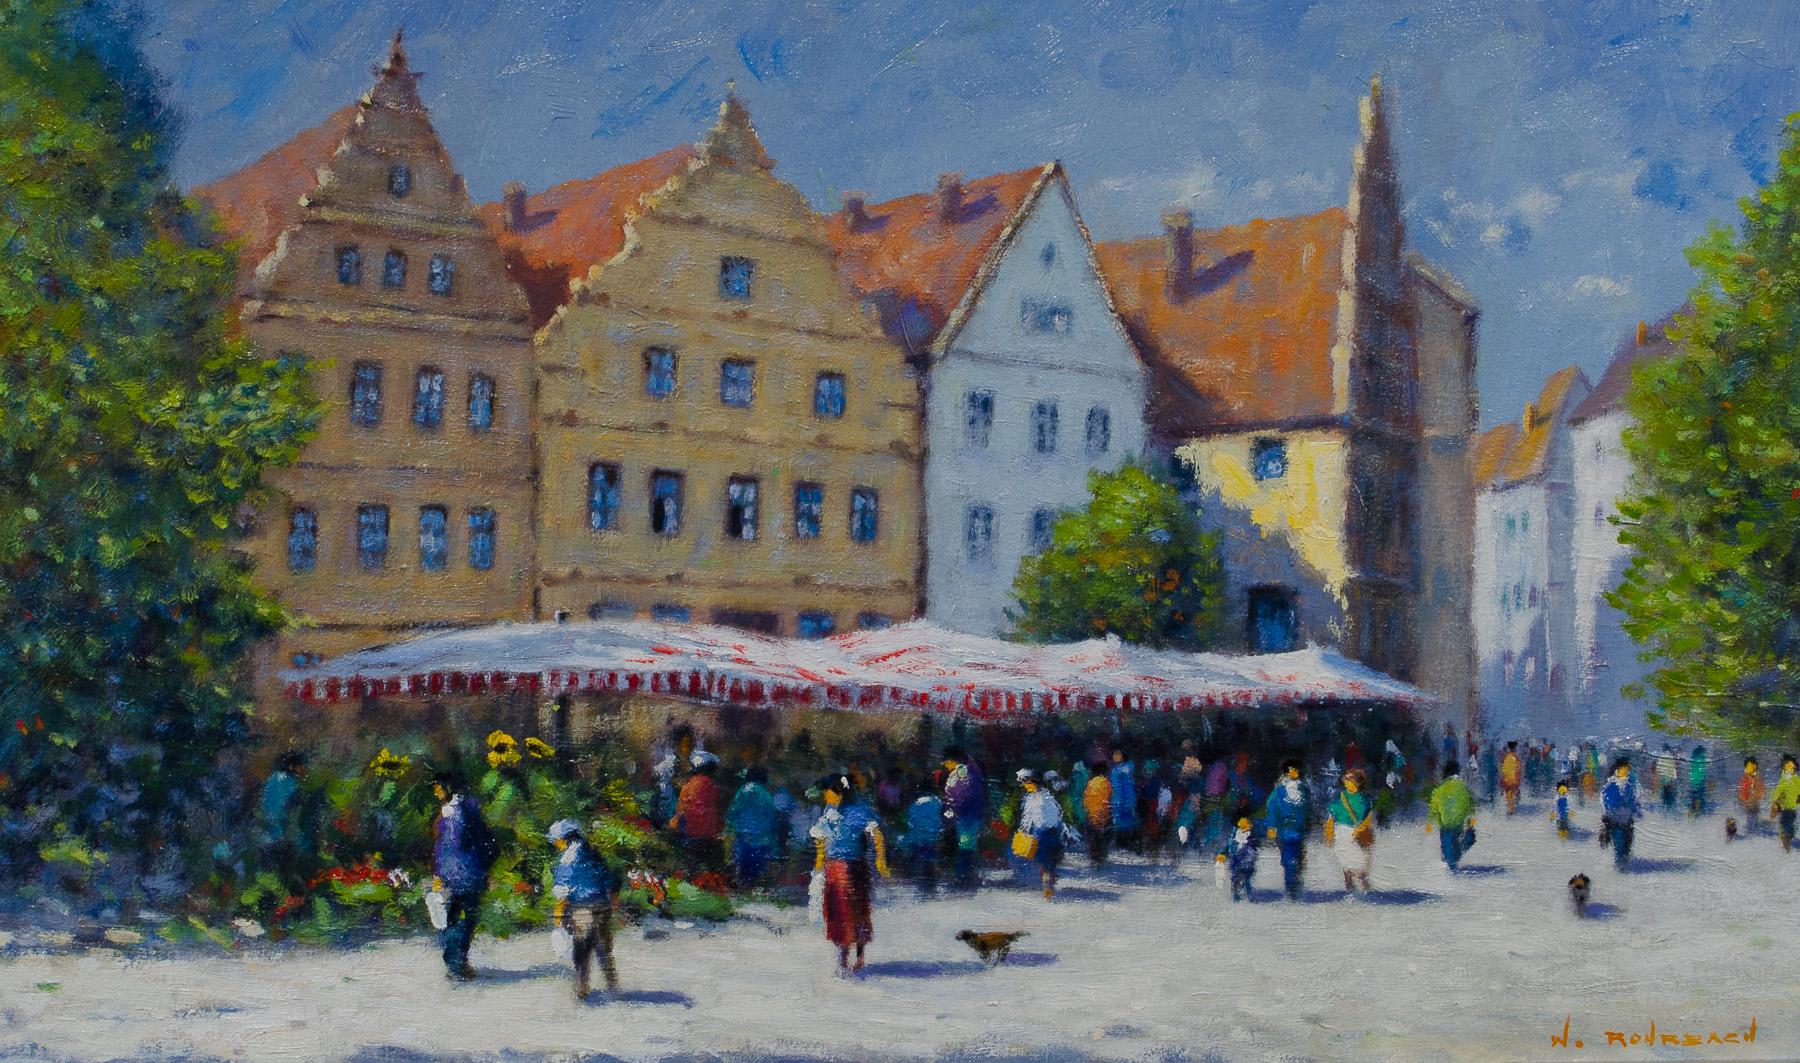 Wochenmarkt auf dem Alten Markt in Bielefeld